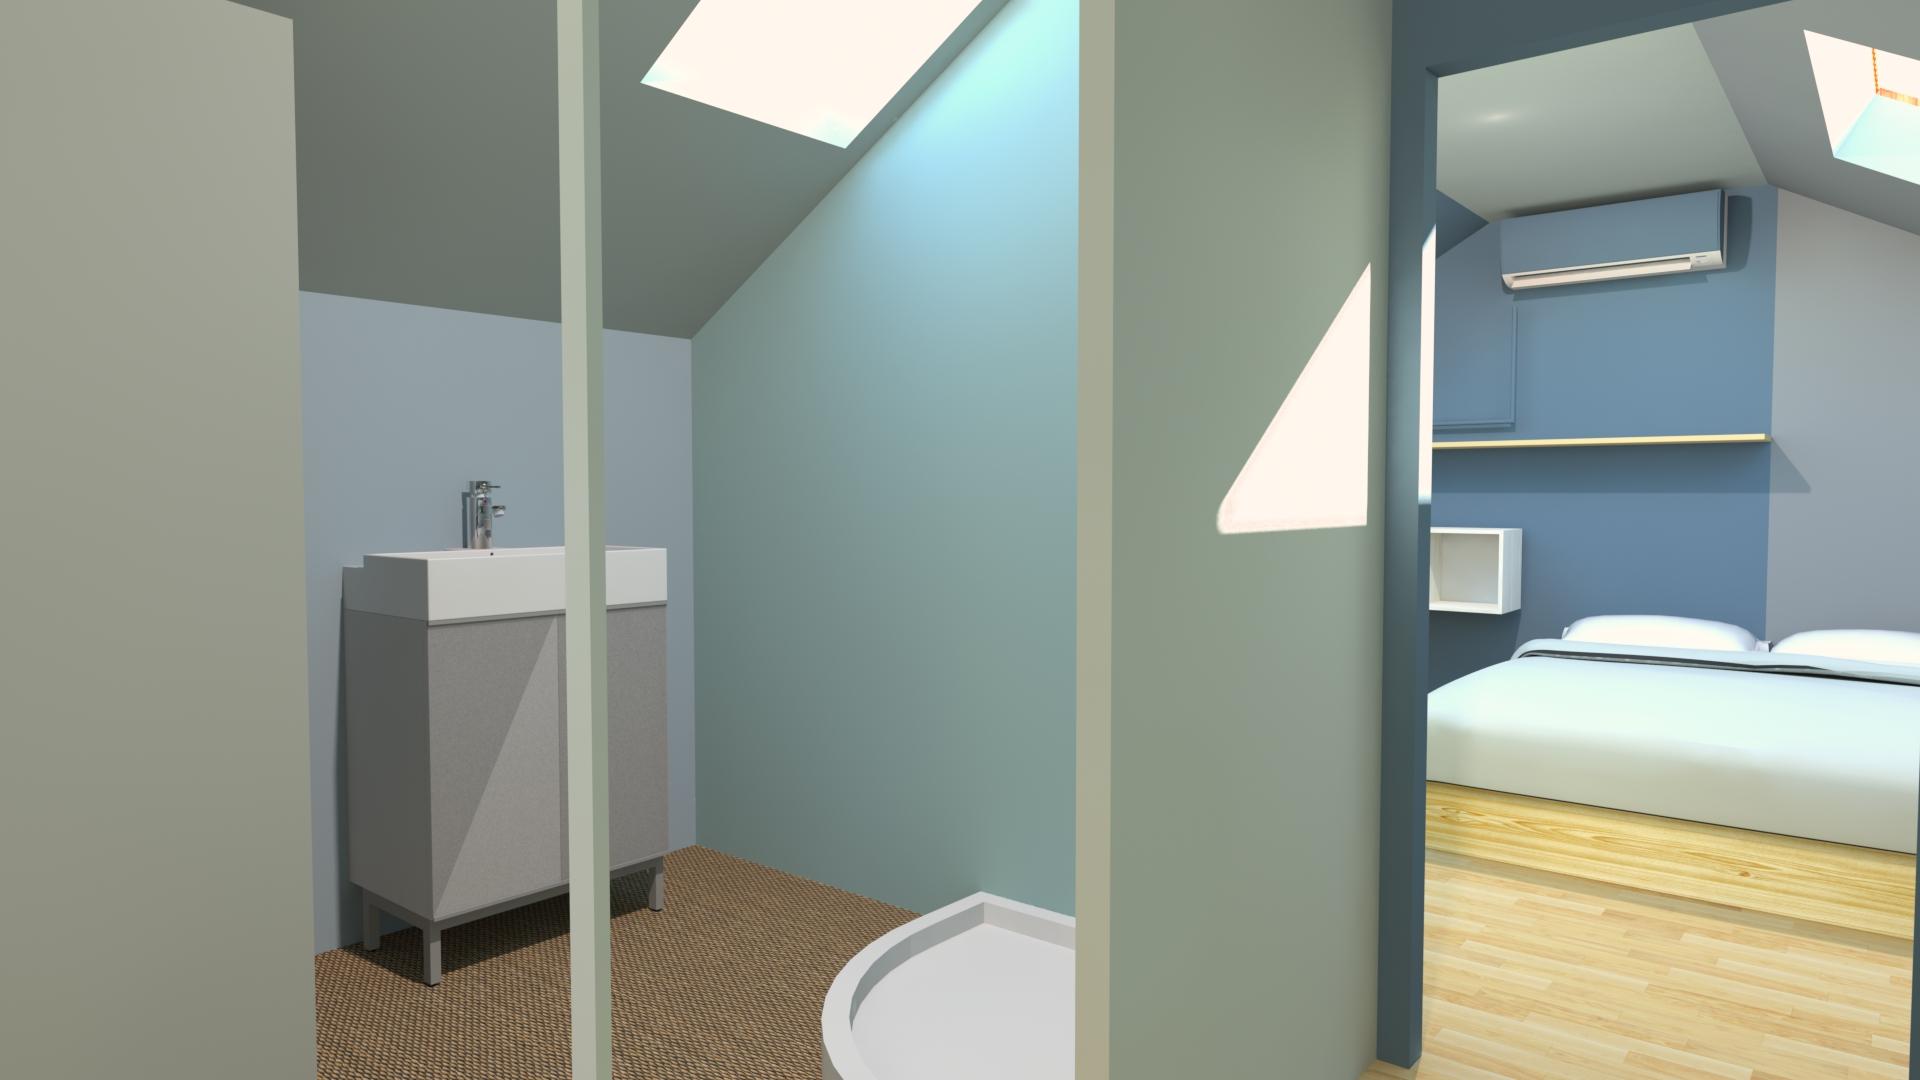 Salle de bains dans comble - La Fabrique Geneviève Naudin